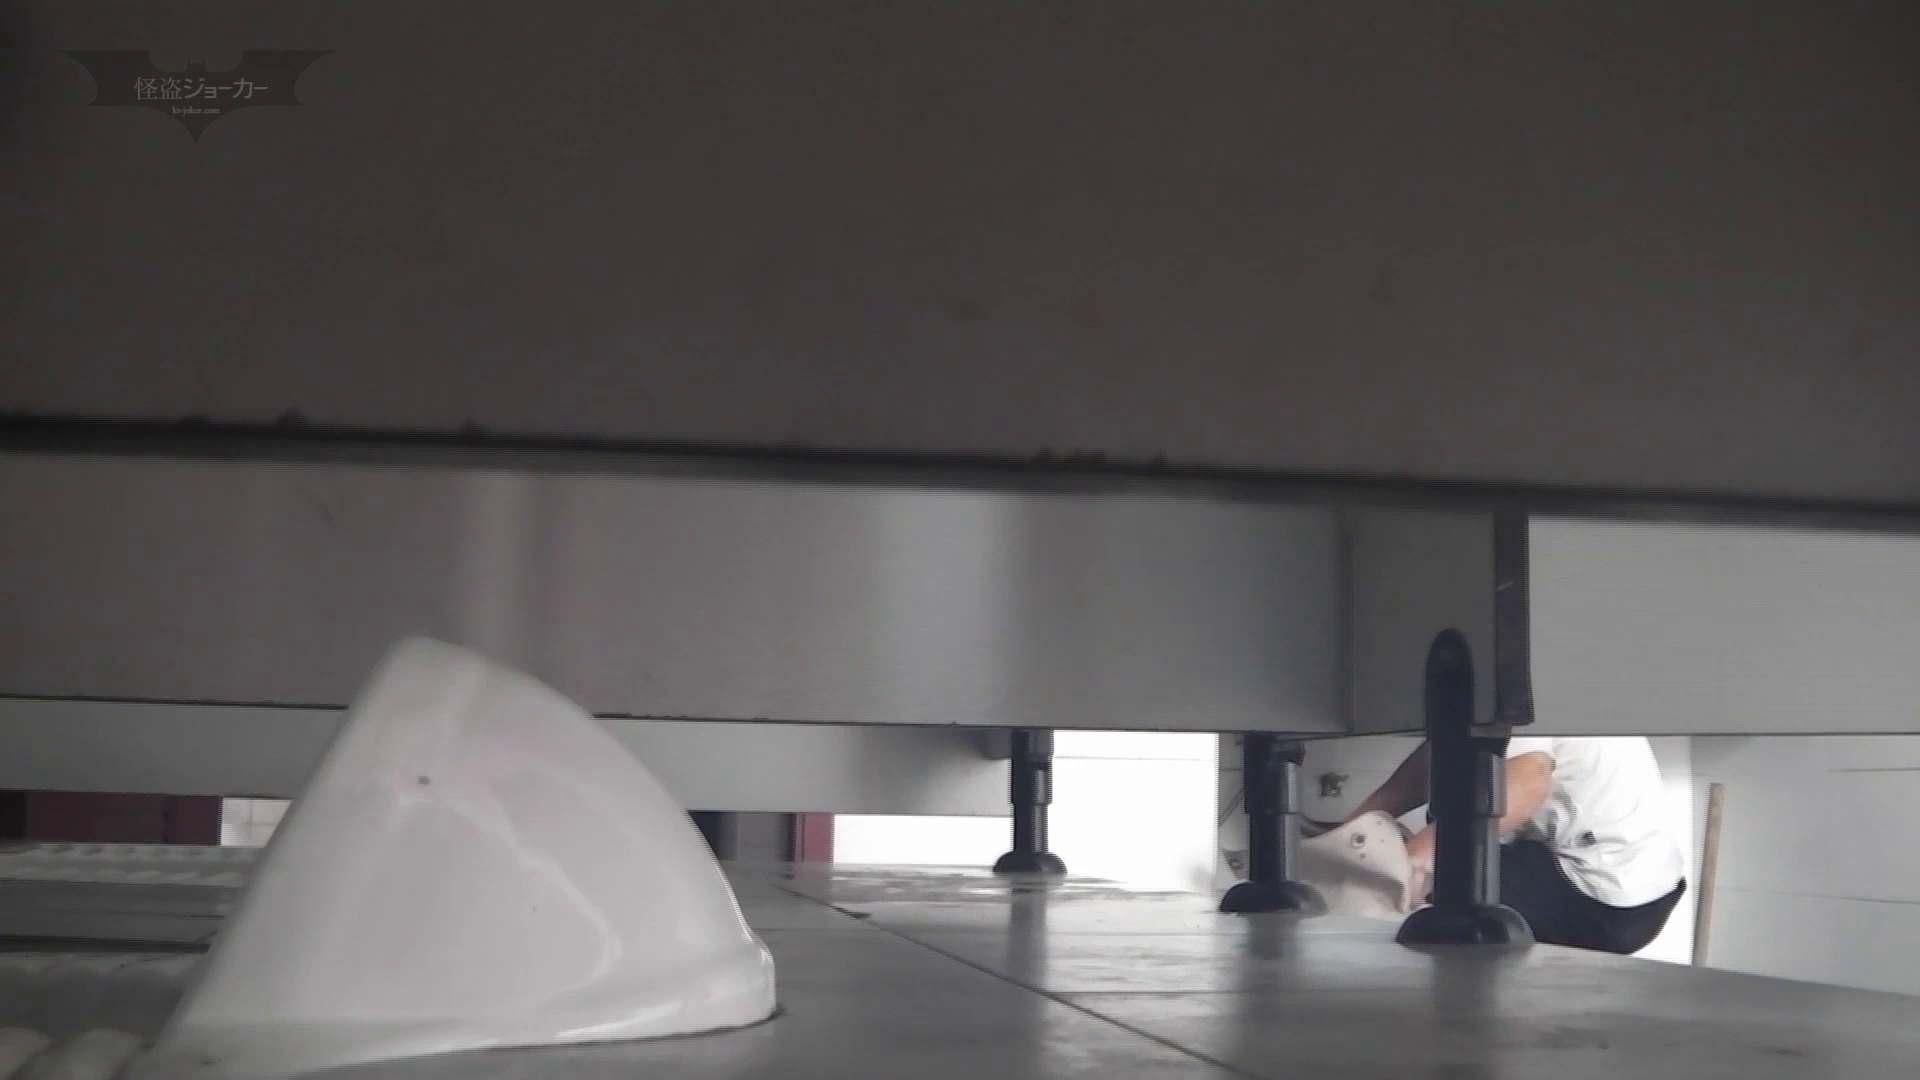 潜入!!台湾名門女学院 Vol.10 進化 美女ハメ撮り  110Pix 34